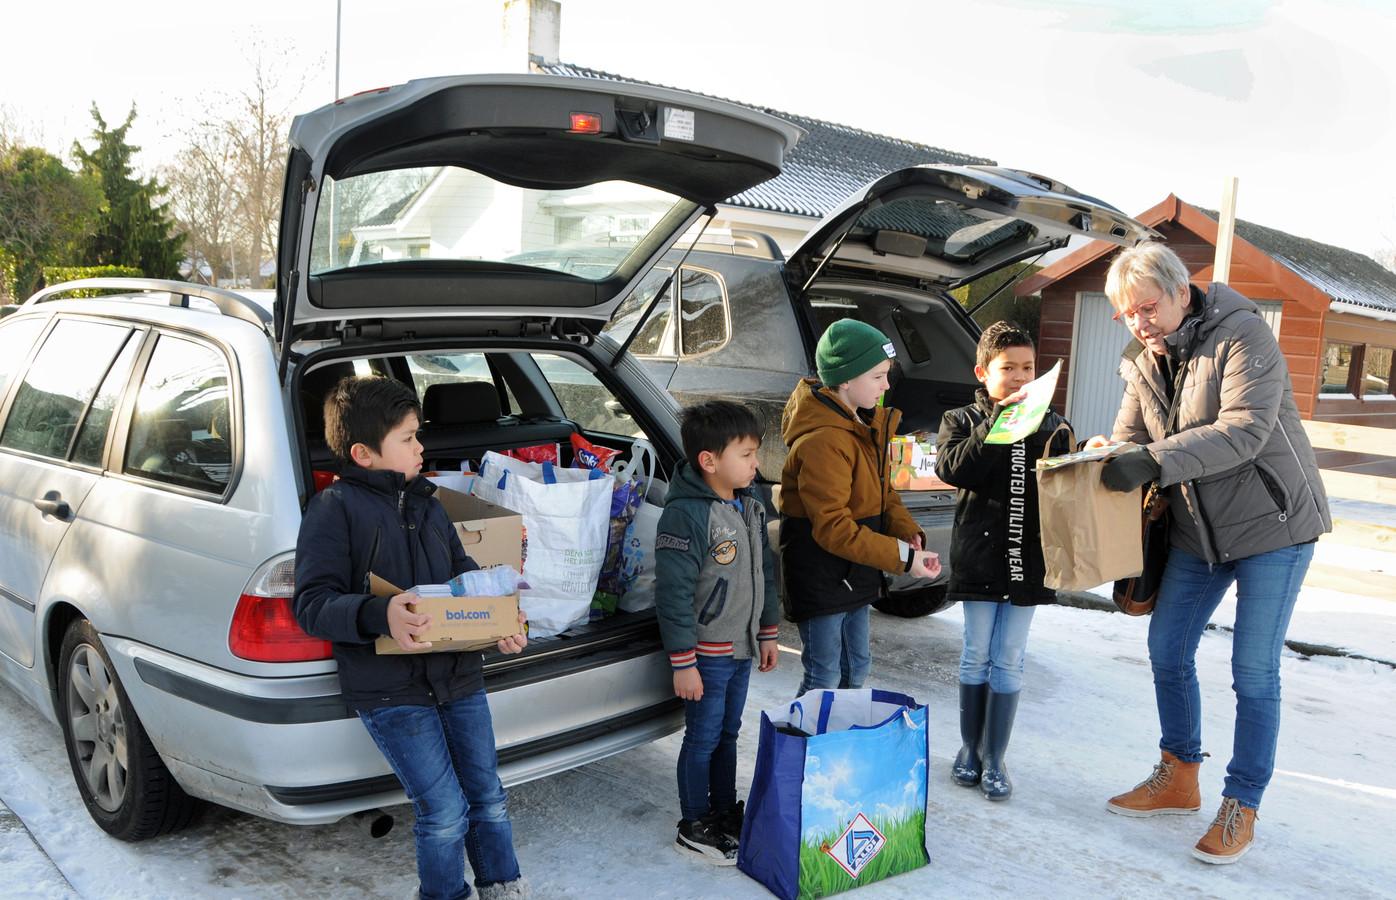 Vlnr: Ryan, Joël, Bowi en Calvin overhandigen twee kofferbakken vol spullen aan Ria Schoof. Zij nam de spullen namens de Voedselbank Schouwen-Duiveland in ontvangst